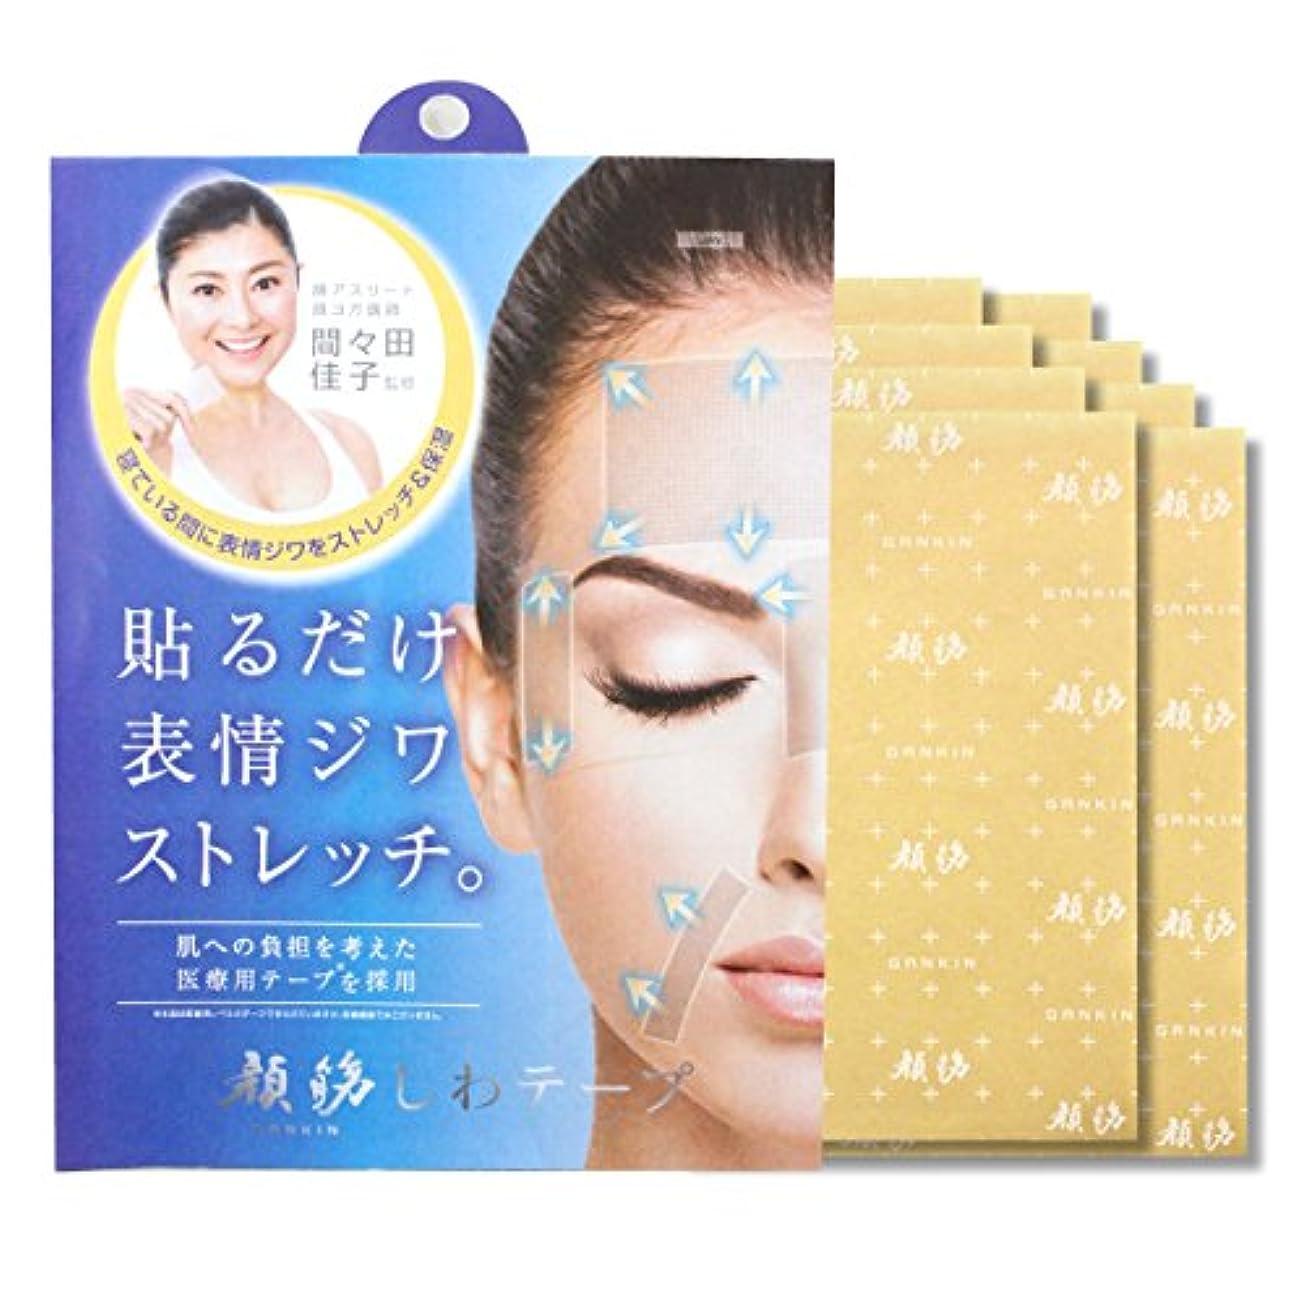 インデックス悔い改めニンニク顔筋シワテープ (8枚組)